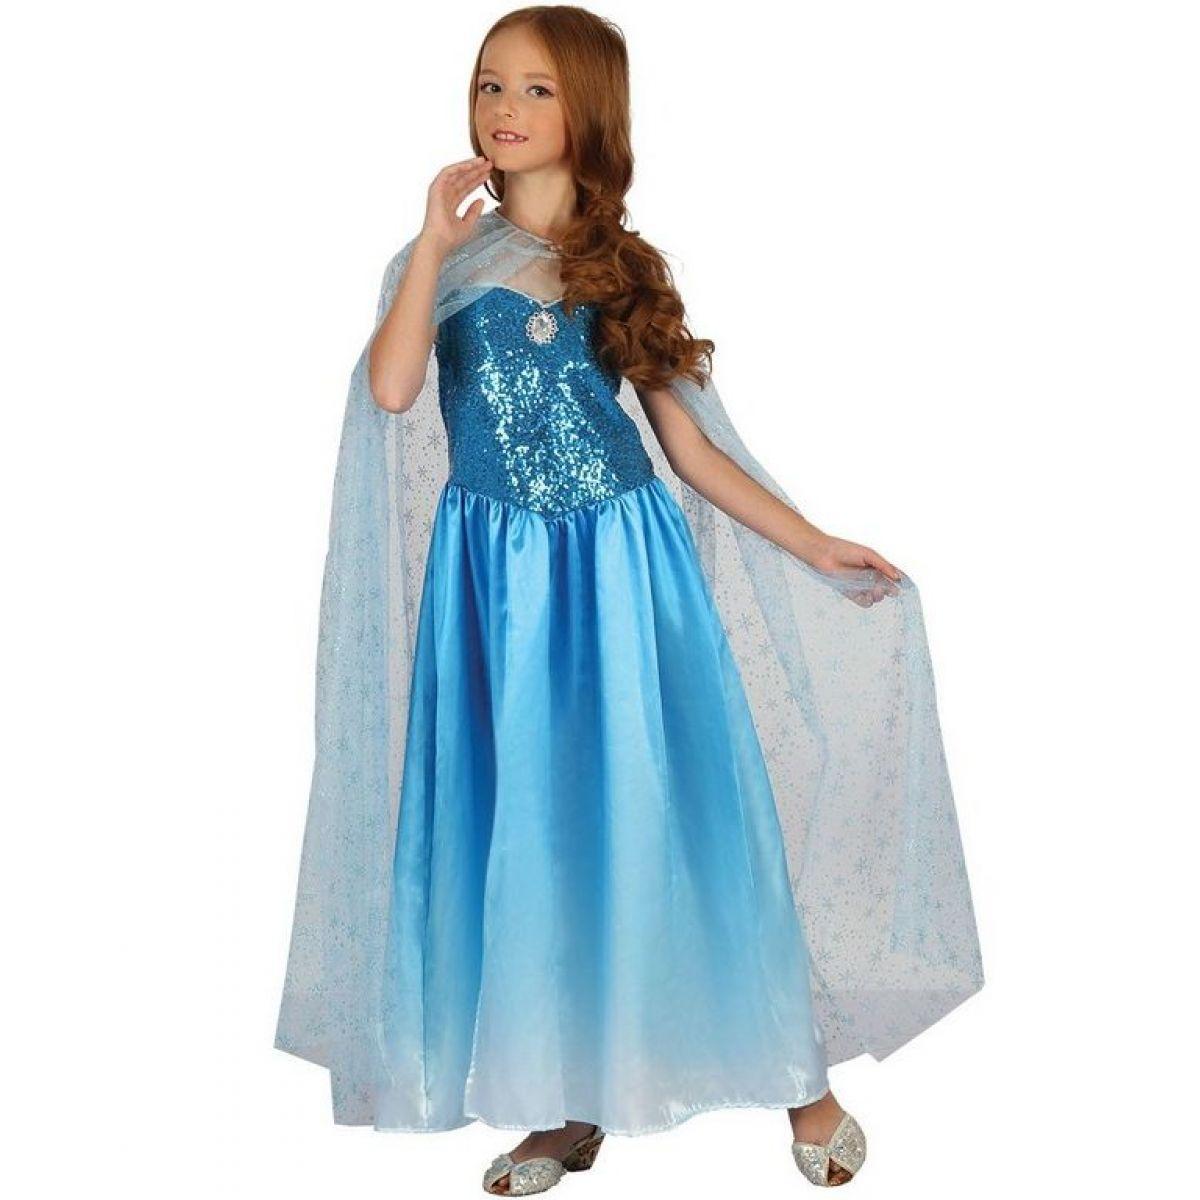 Dětské šaty na karneval sněhová královna 120 - 130 cm